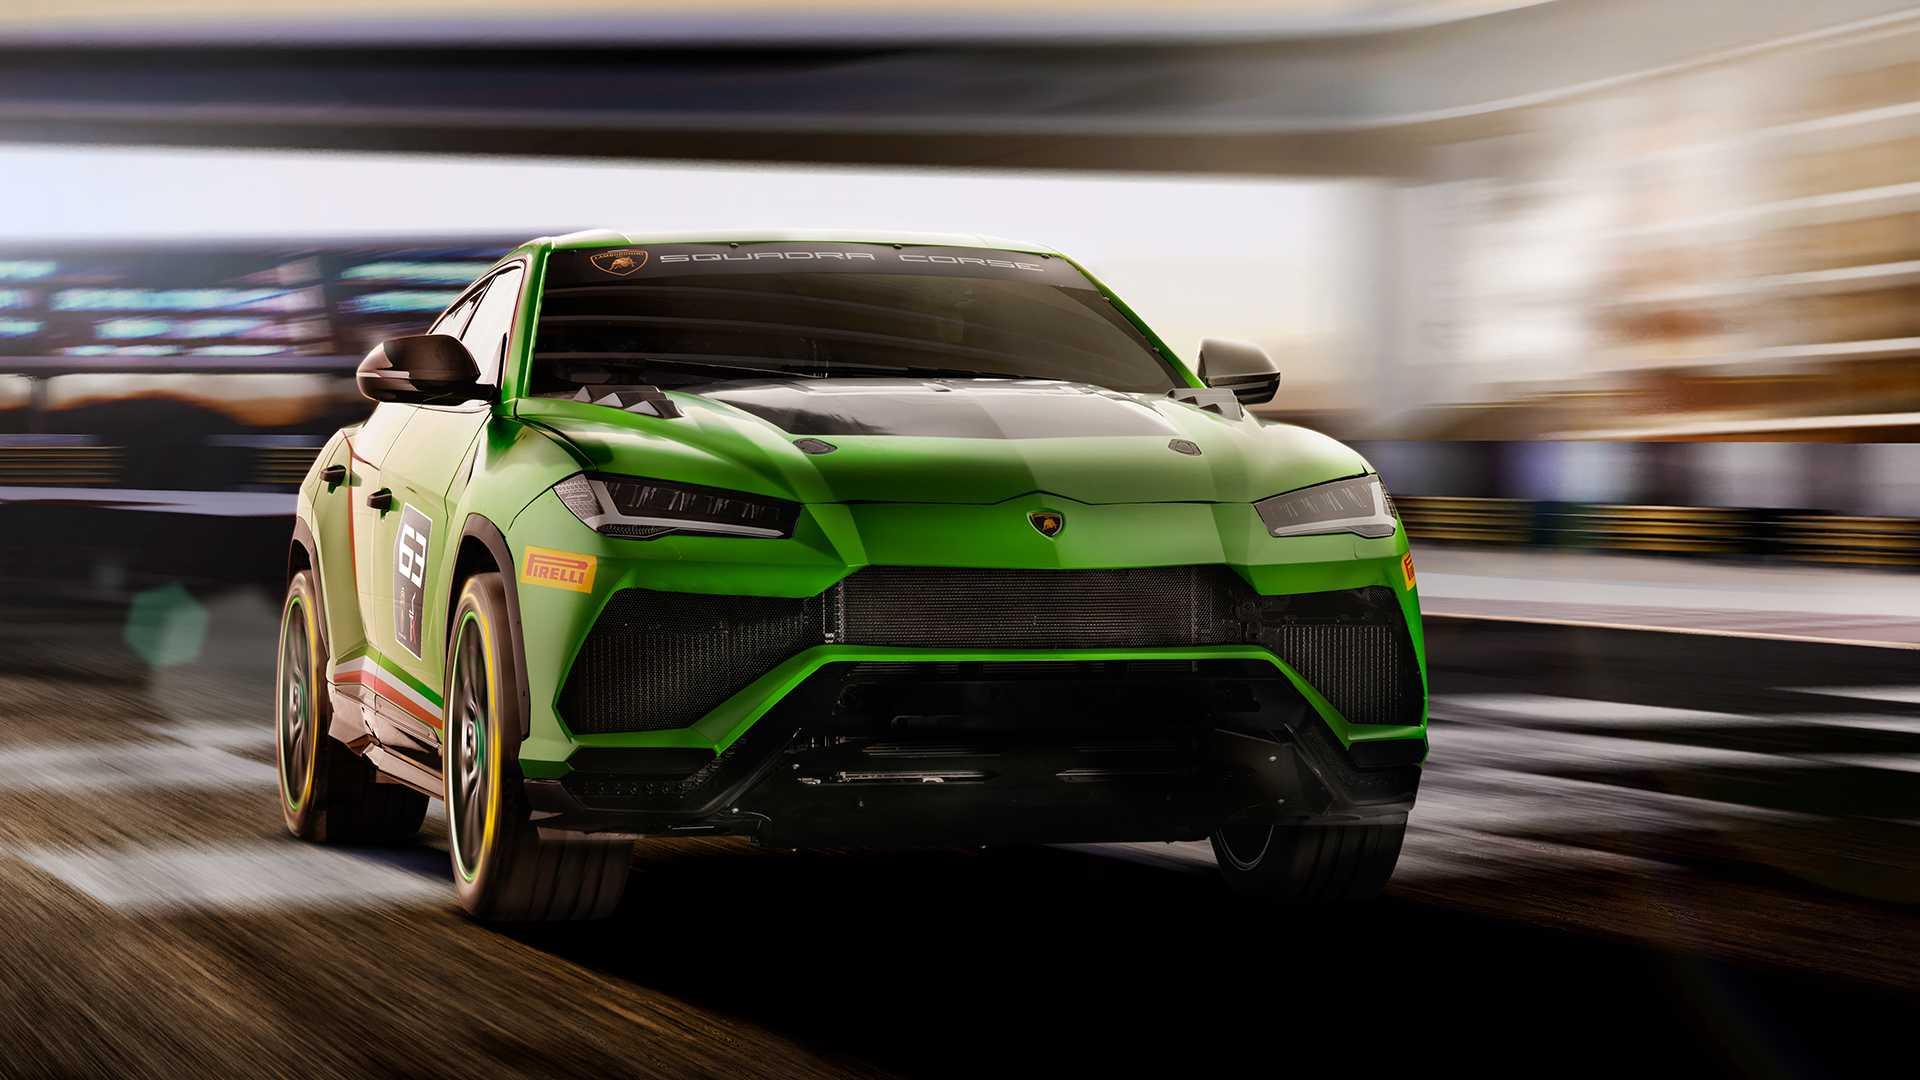 Компания «Ламборджини» принялась за разработку экстремальной модификации Urus, базой для которой стал прототип гоночного кроссовера ST-X